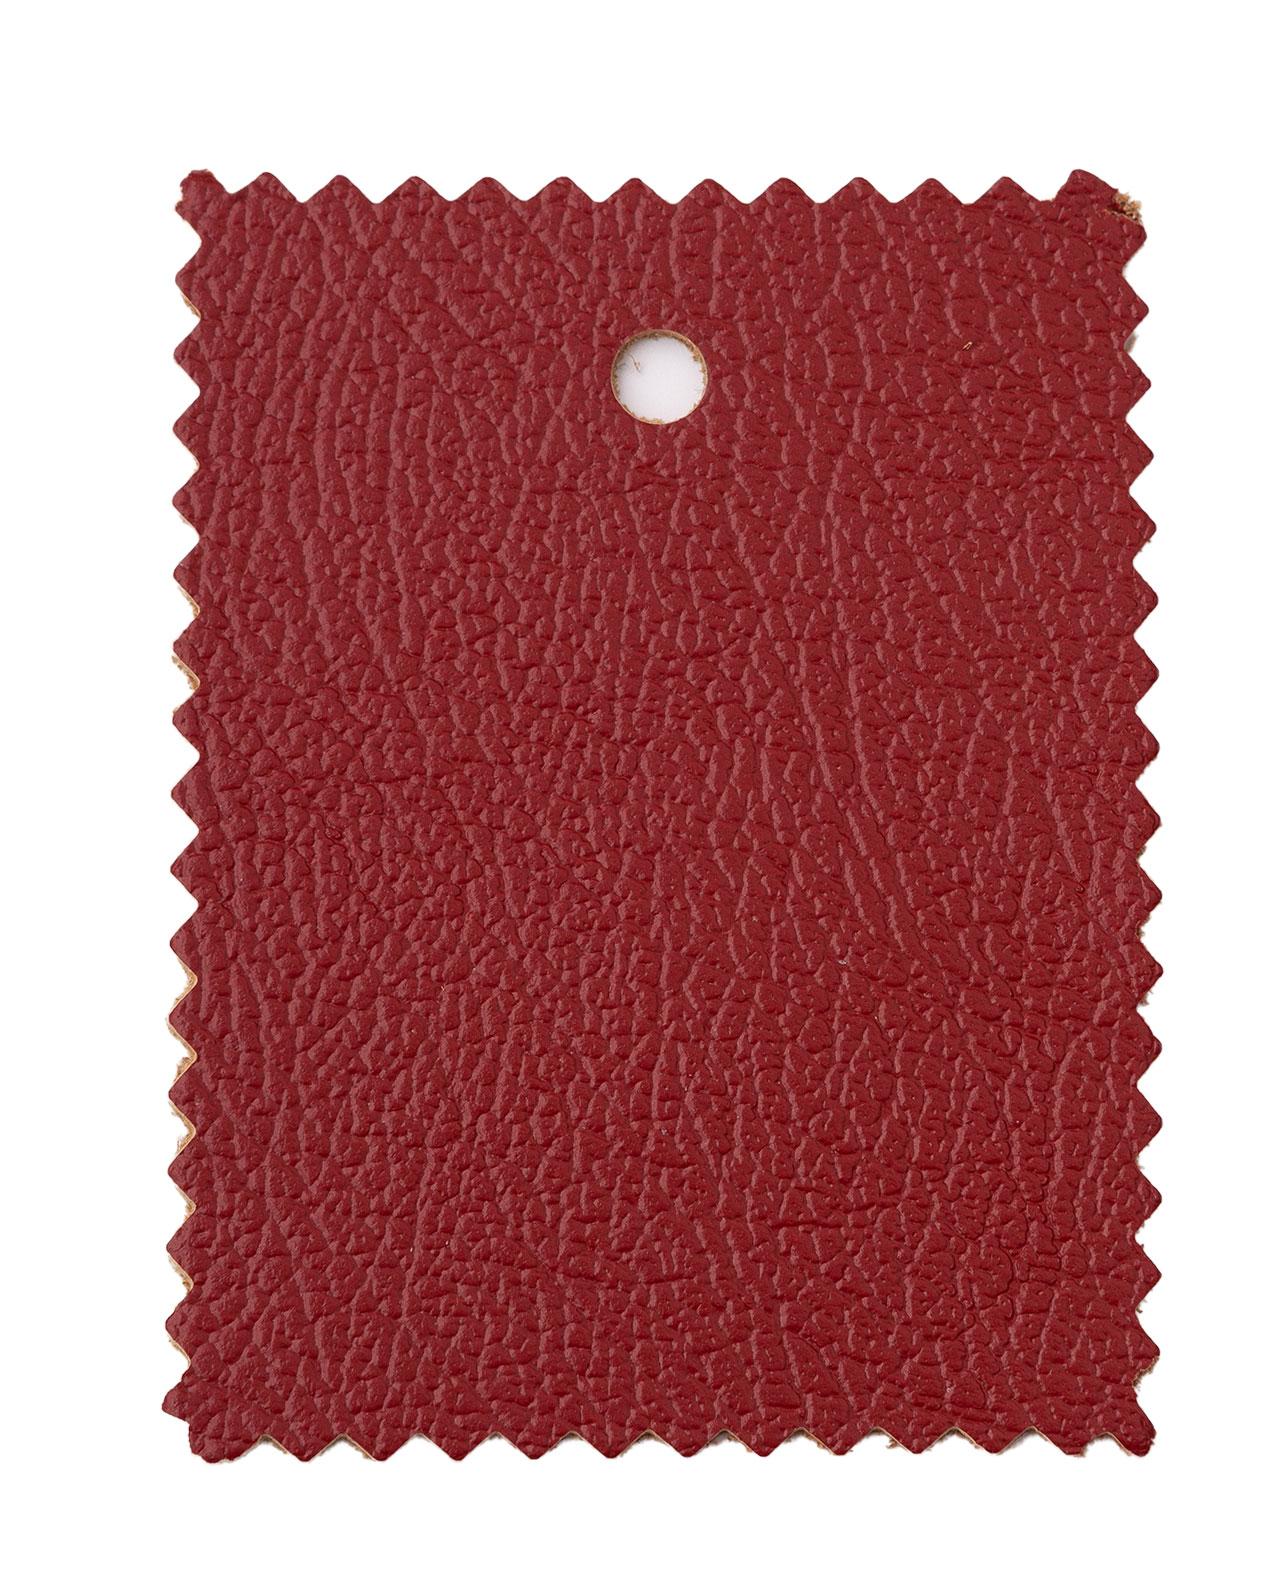 Abbildung Oldtimerleder-1079K-rot-kopfgefaerbt